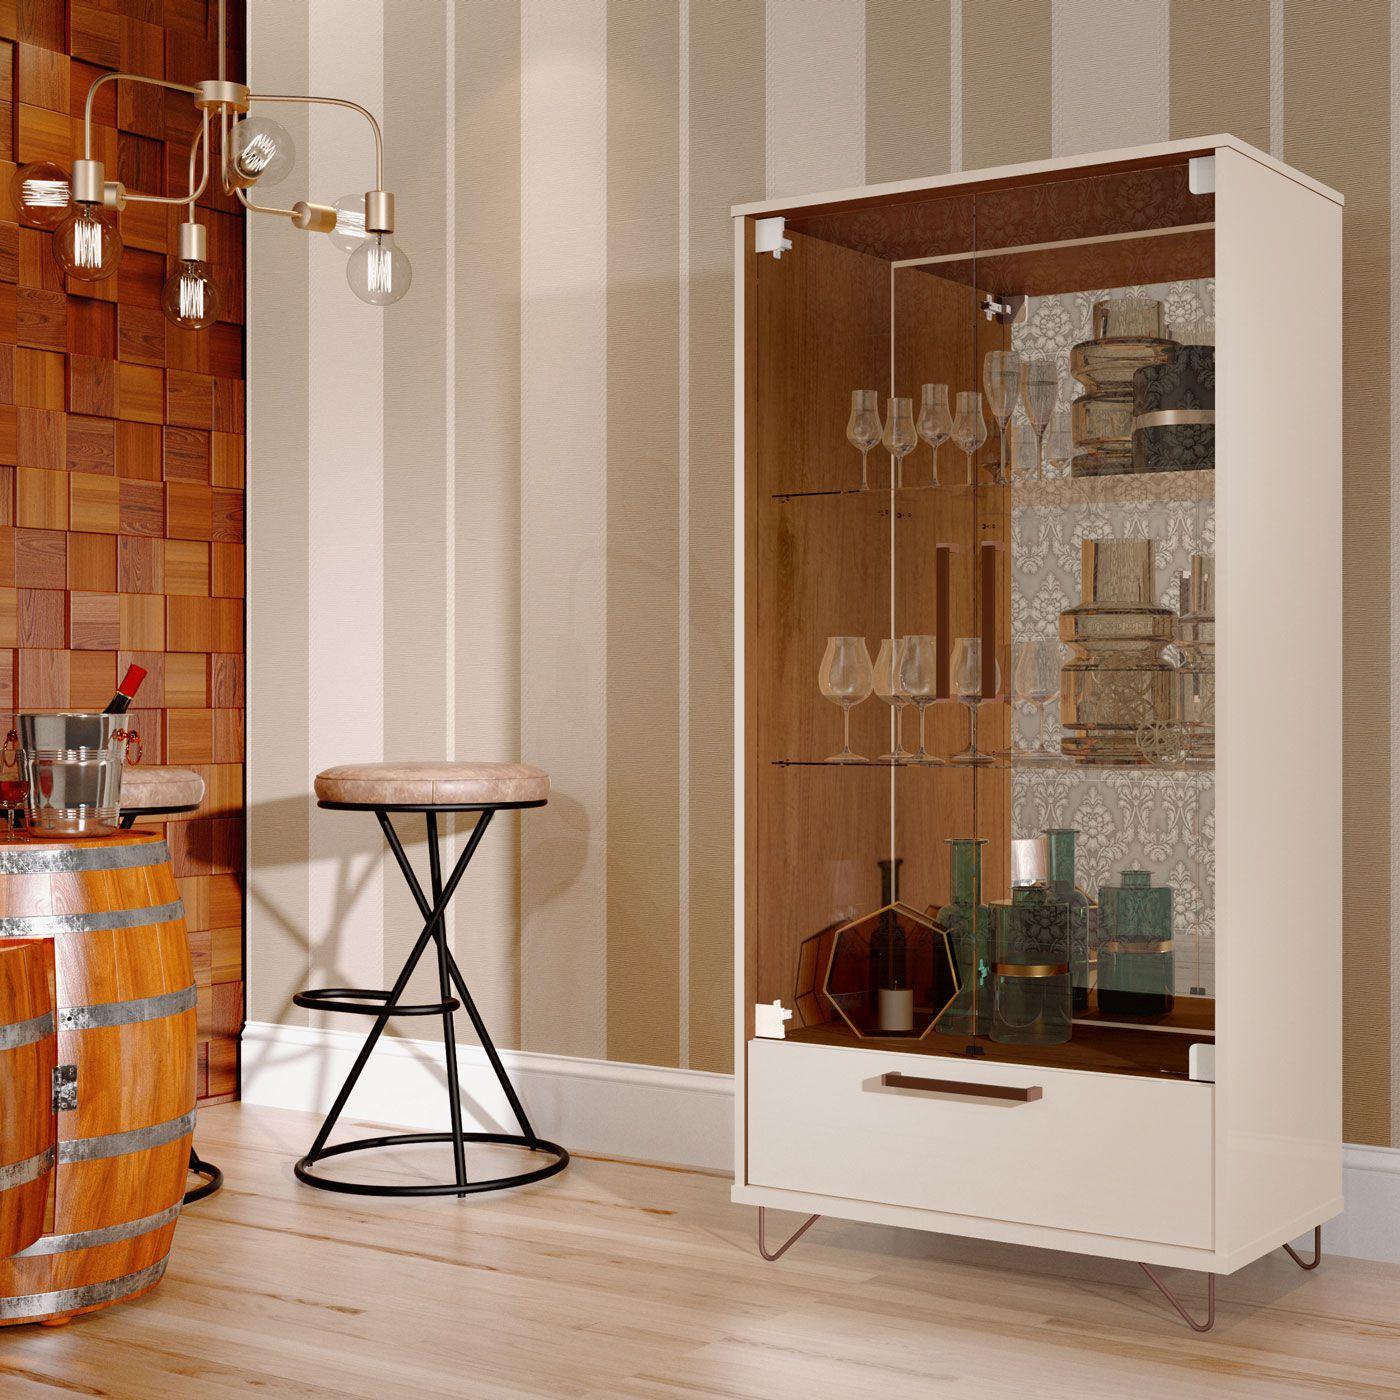 Cristaleira 2 Portas 4045 Pérola/Caramelo